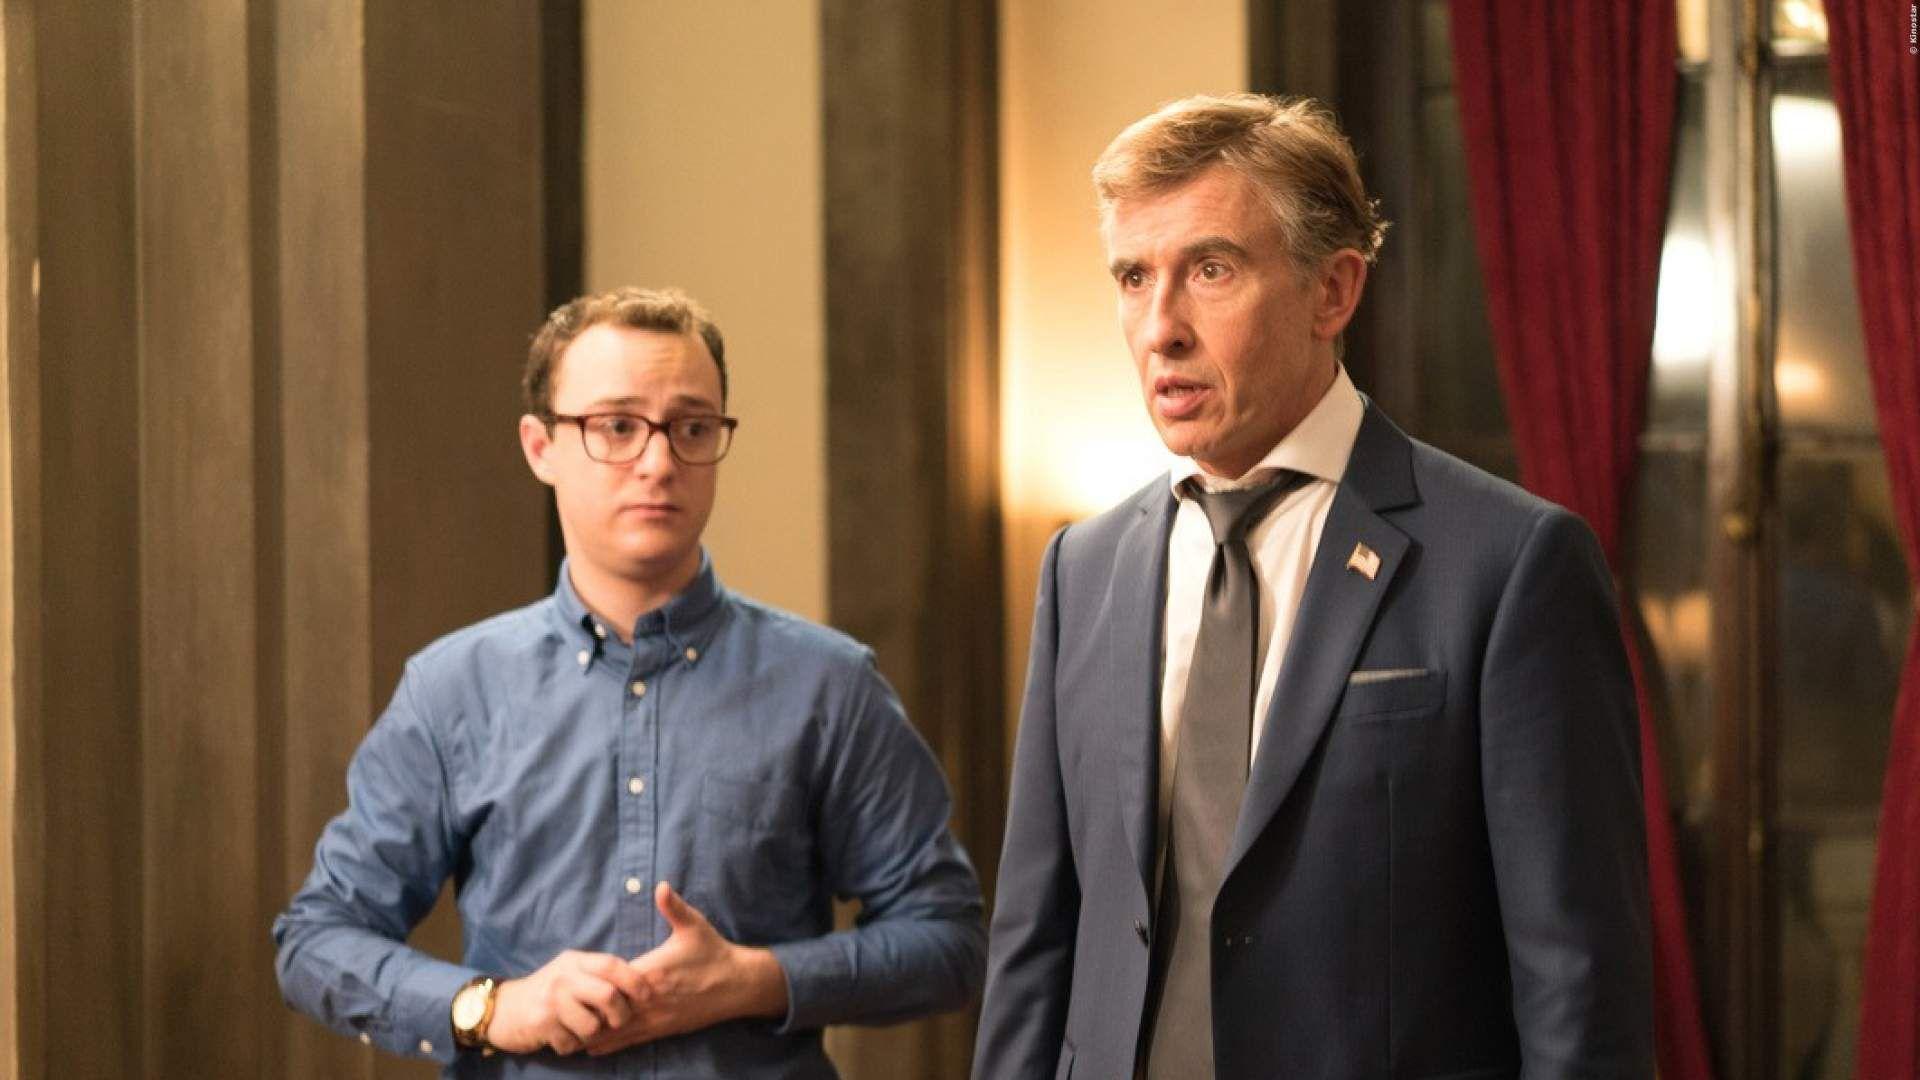 Trailer Hot Air Lionel Macomb Ist Der Star Der Konservativen Radiosendungen Eine Neue Herausforderung Kommt Mit Seiner Sechszehnjah Filme Kino Schauspieler